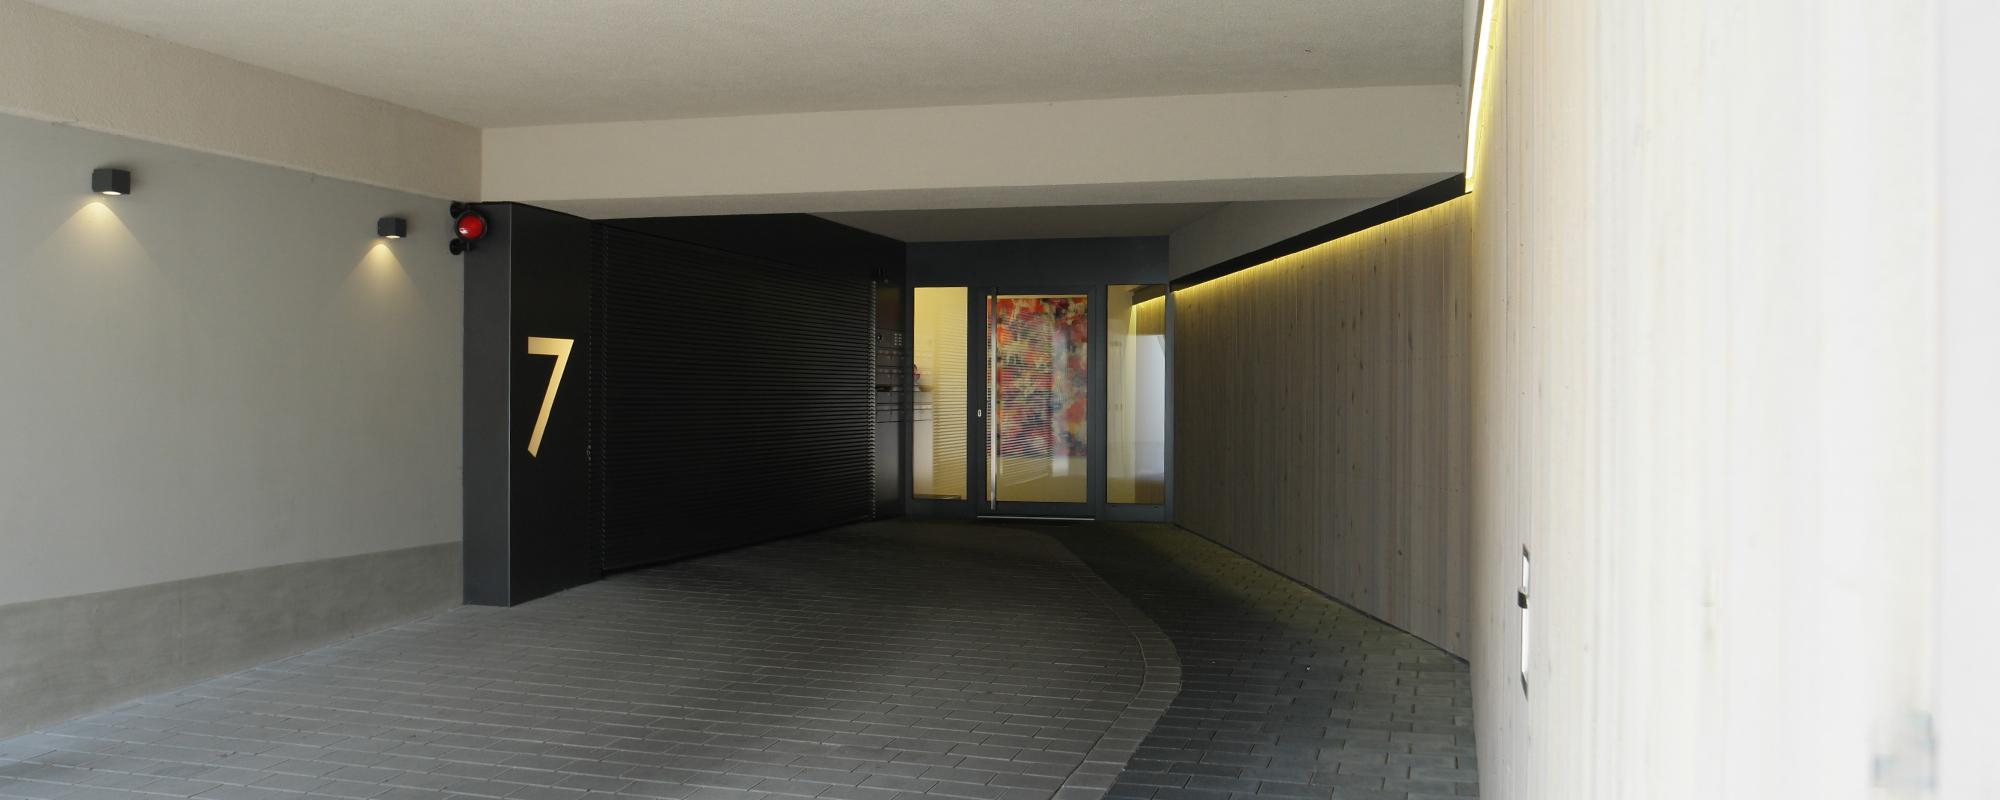 Referenz PlanQuadrat | Eingang des exklusiven Mehrfamilienhauses in Im Haldenau, Stuttgart